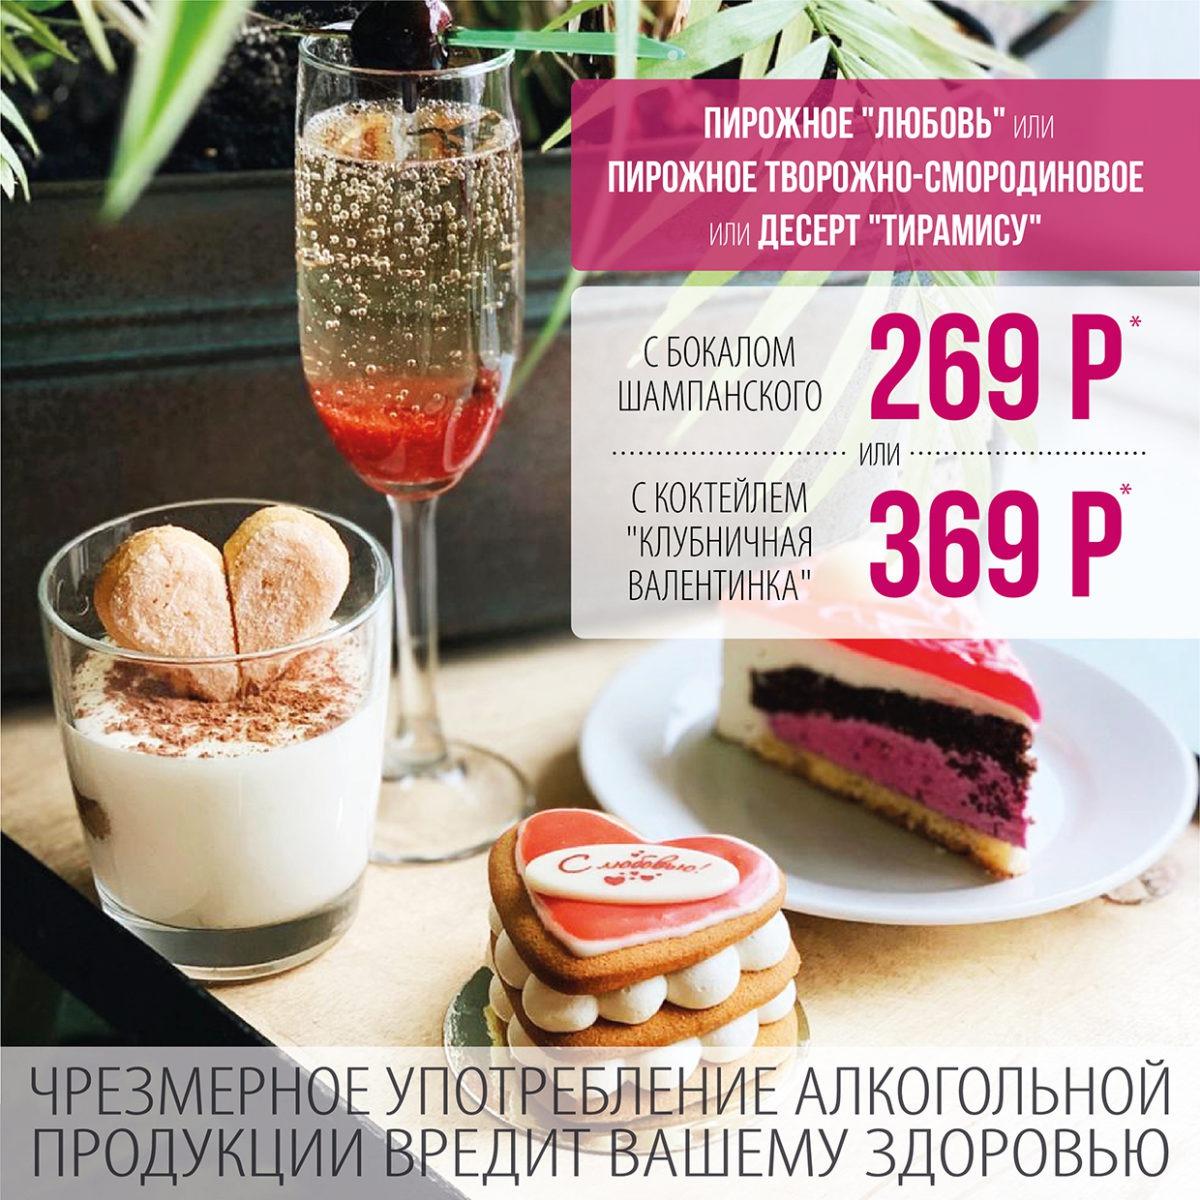 Сеты для всех влюбленных от 269 рублей